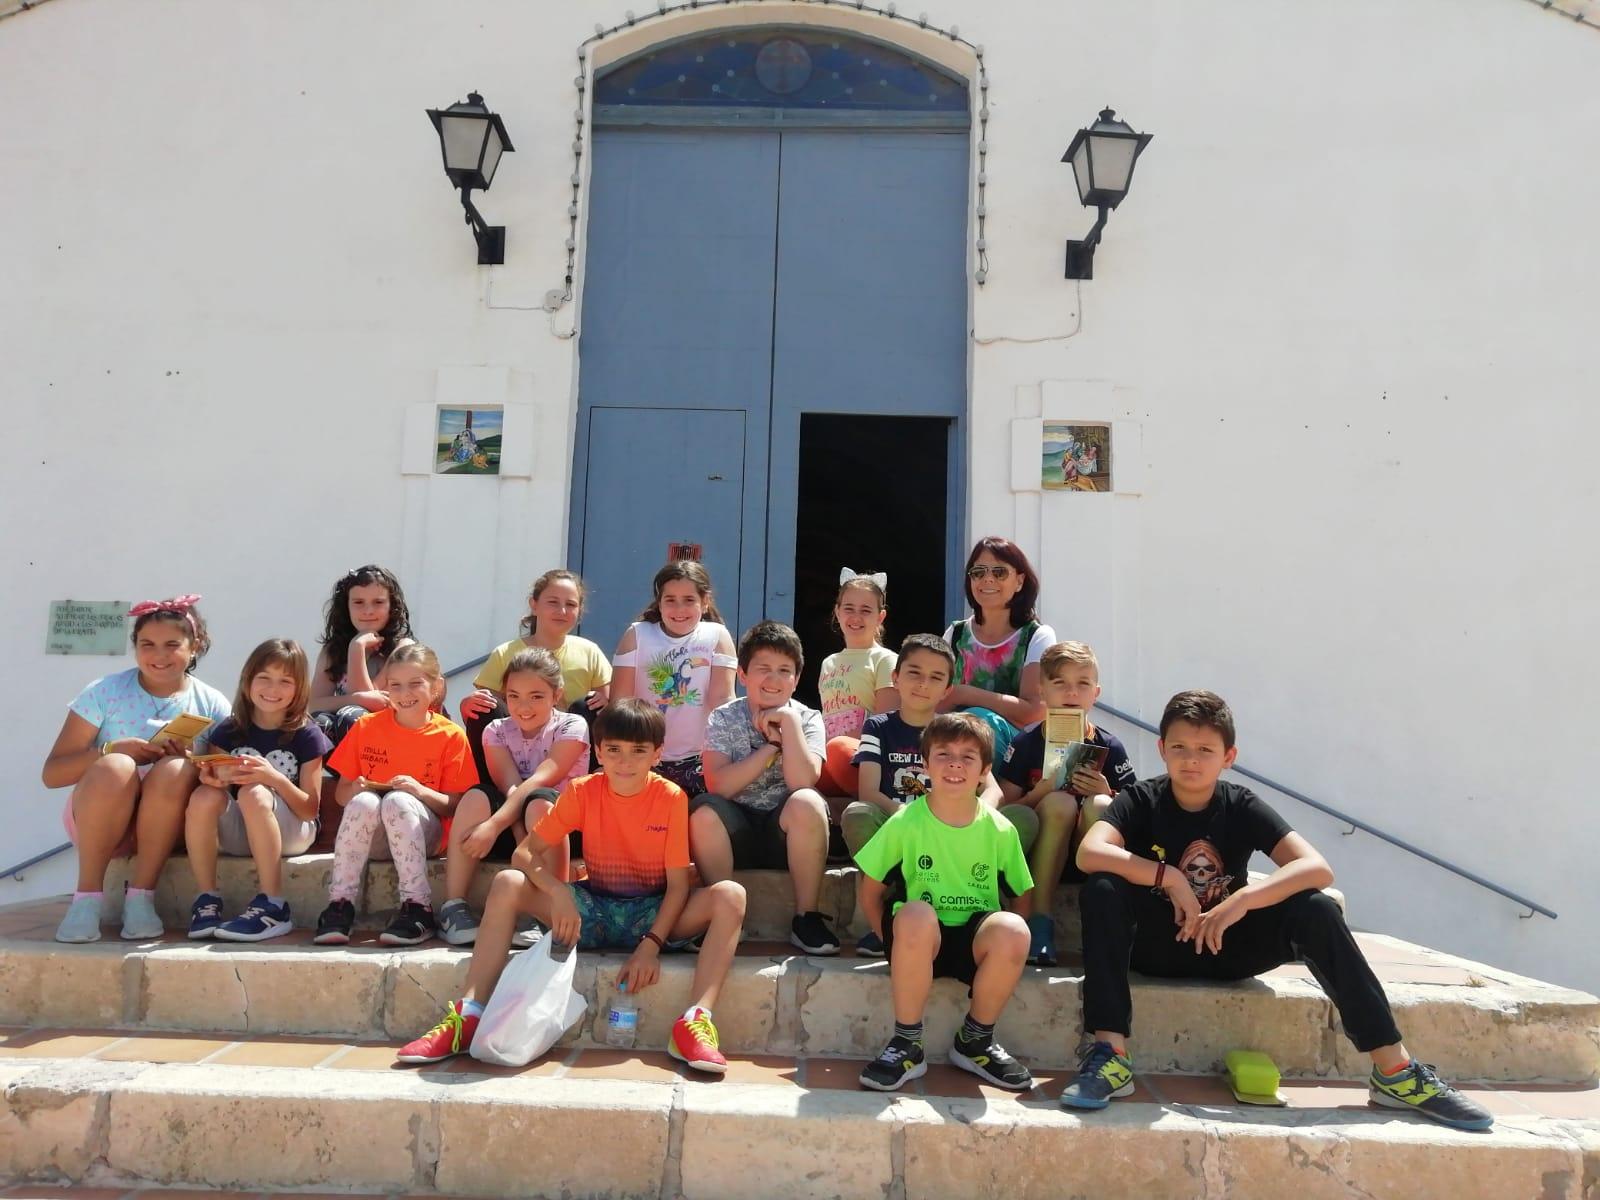 (2019-05-29) Visita alumnos Laura - 3 B primaria - Reina Sofia - Isabel B (07)